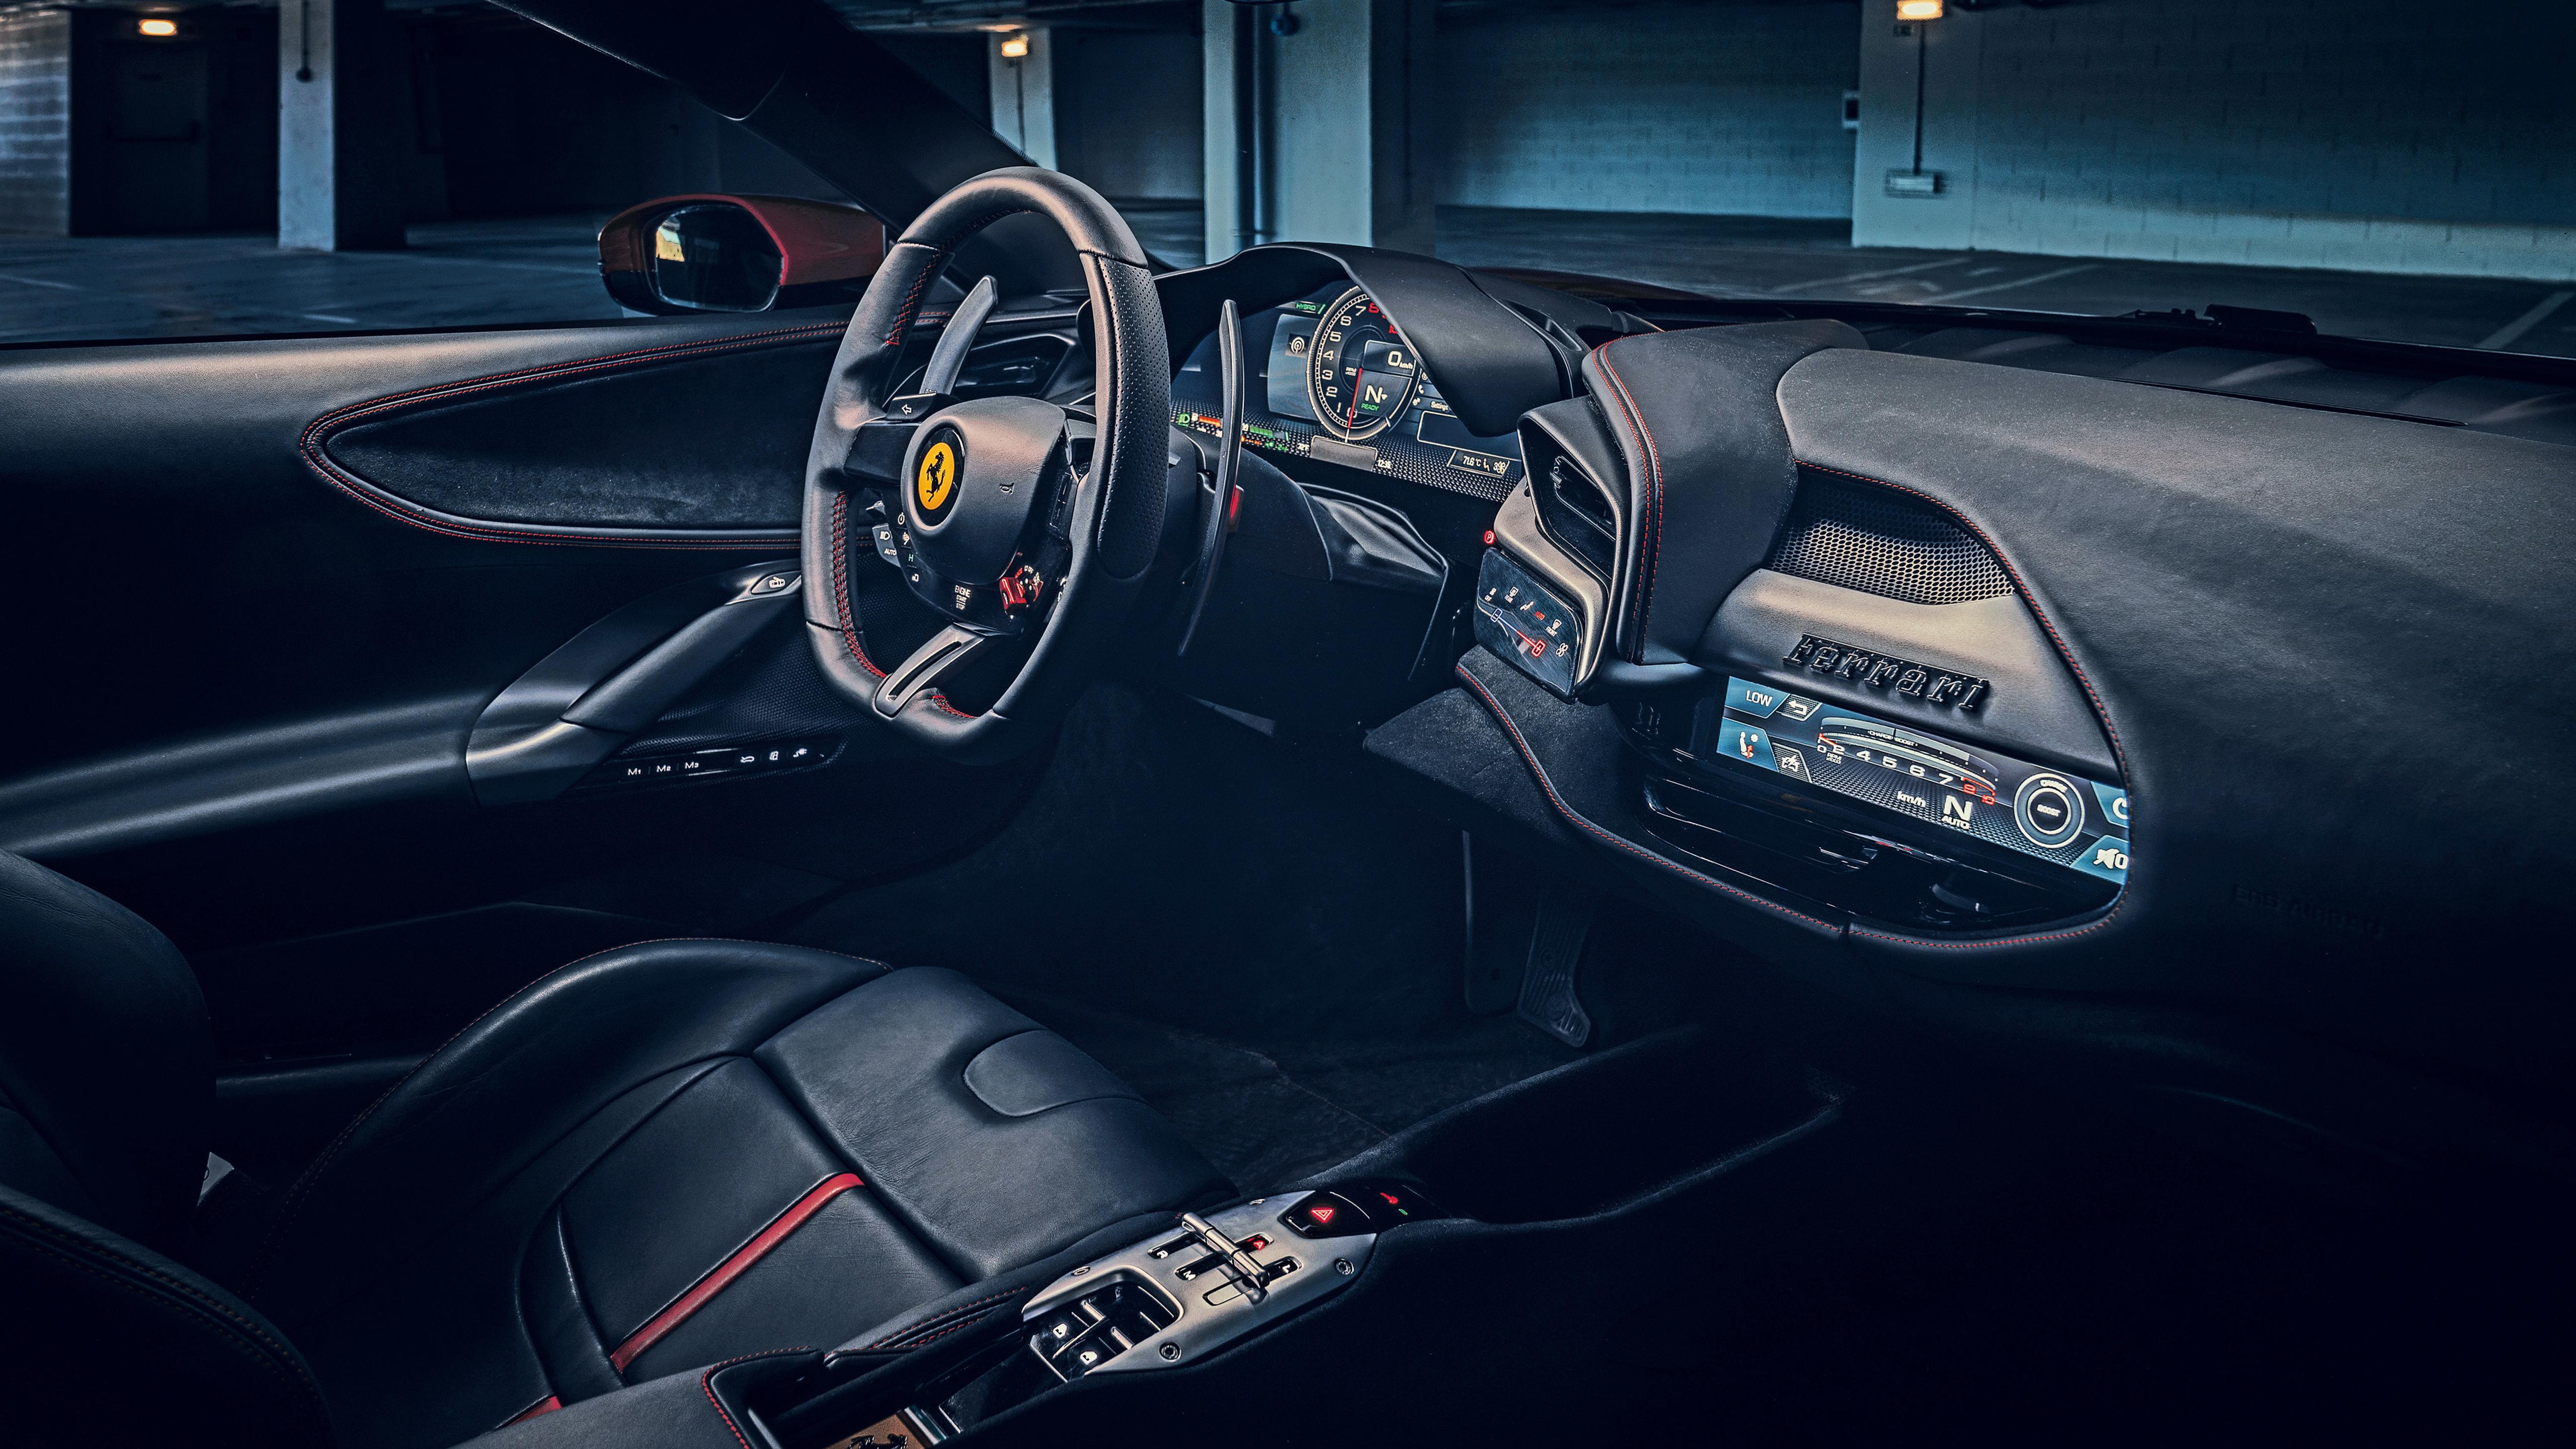 Ferrari Sf90 Stradale 2019 4k Interior Wallpaper Hd Car Wallpapers Id 12926